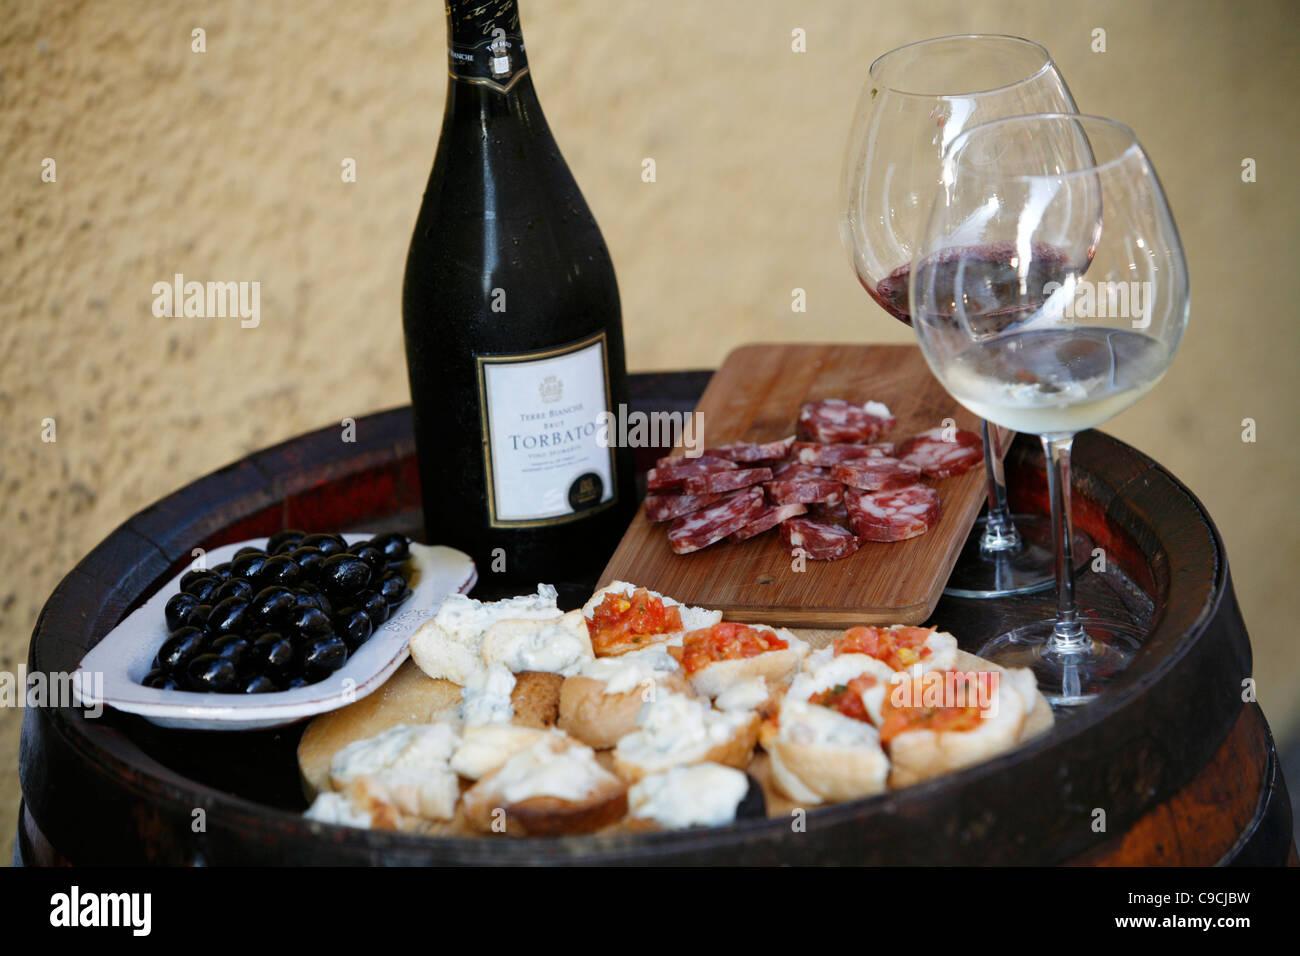 Piatto di formaggio, salame, olive e vino presso Osteria Da Lio, La Maddalena in Sardegna, Italia. Immagini Stock